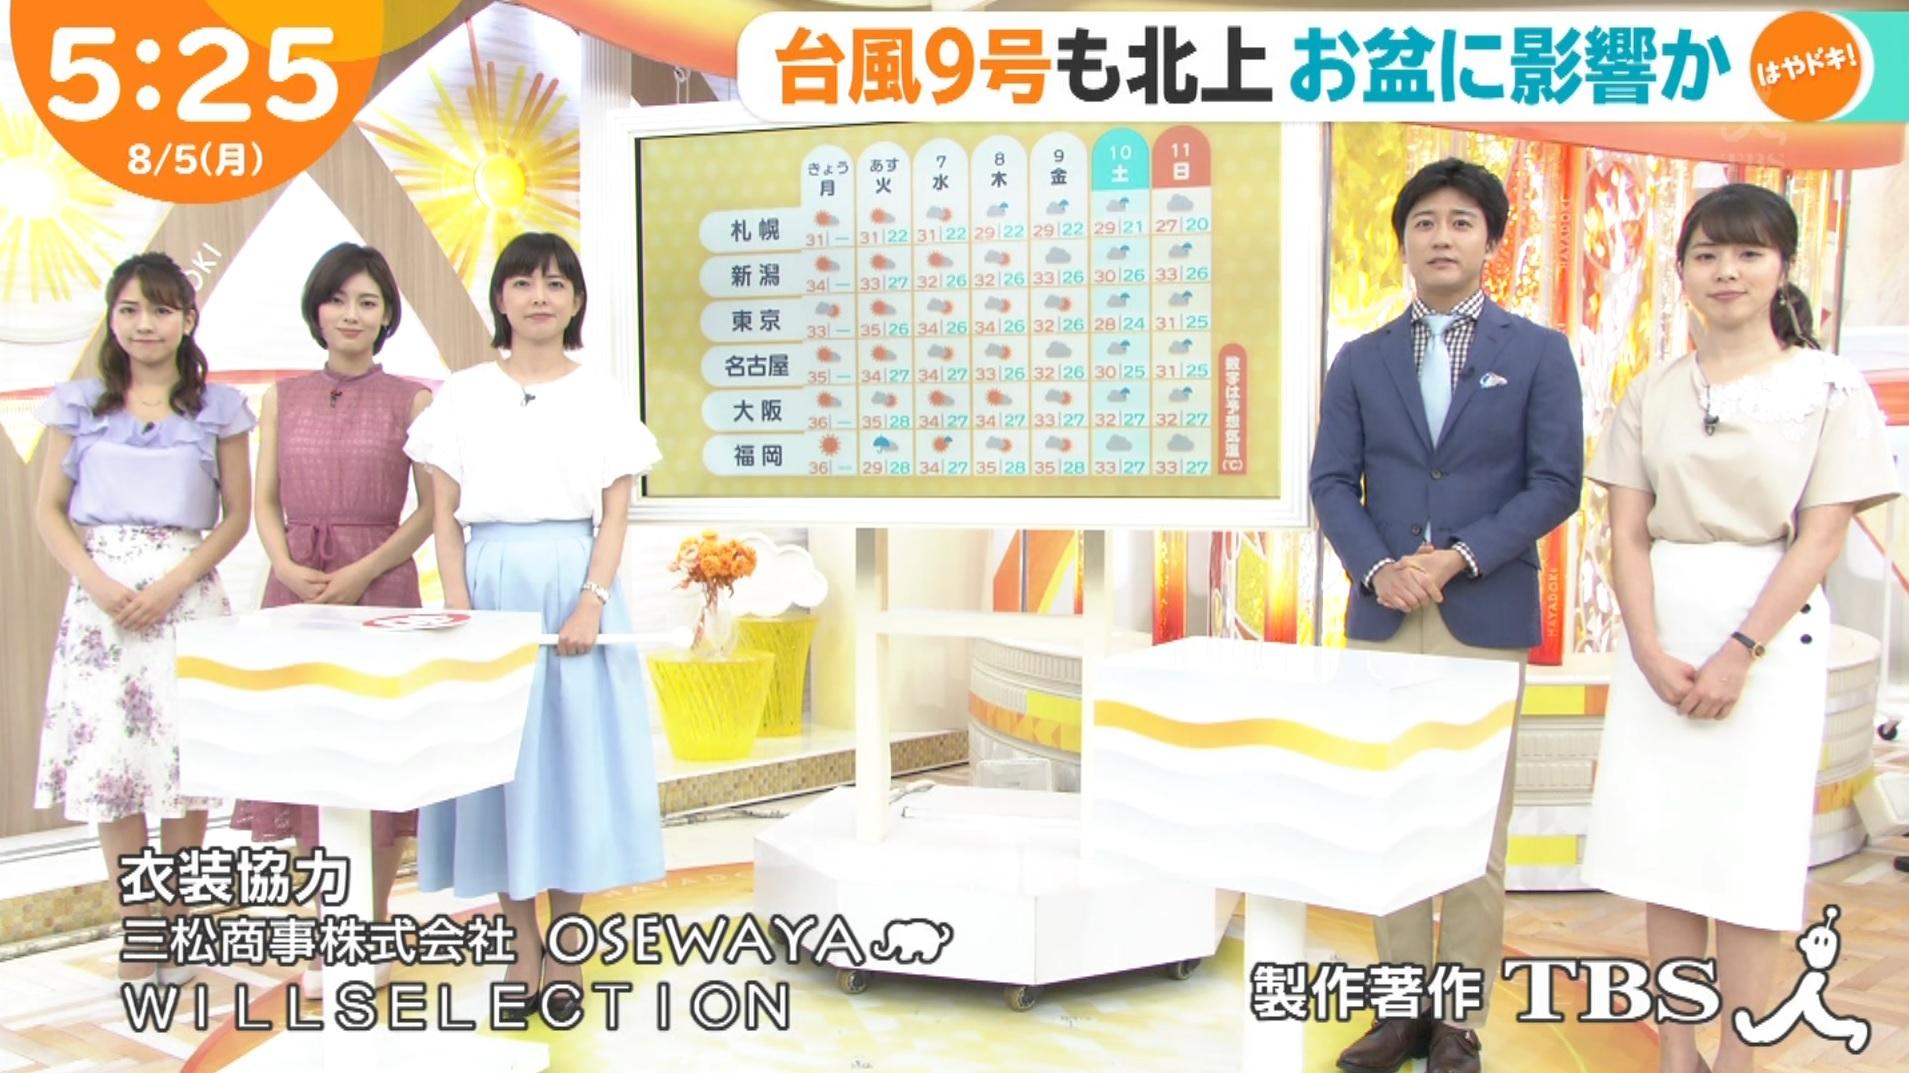 フリーアナウンサー・中西悠理さん出演「はやドキ!」のテレビキャプチャー画像-105